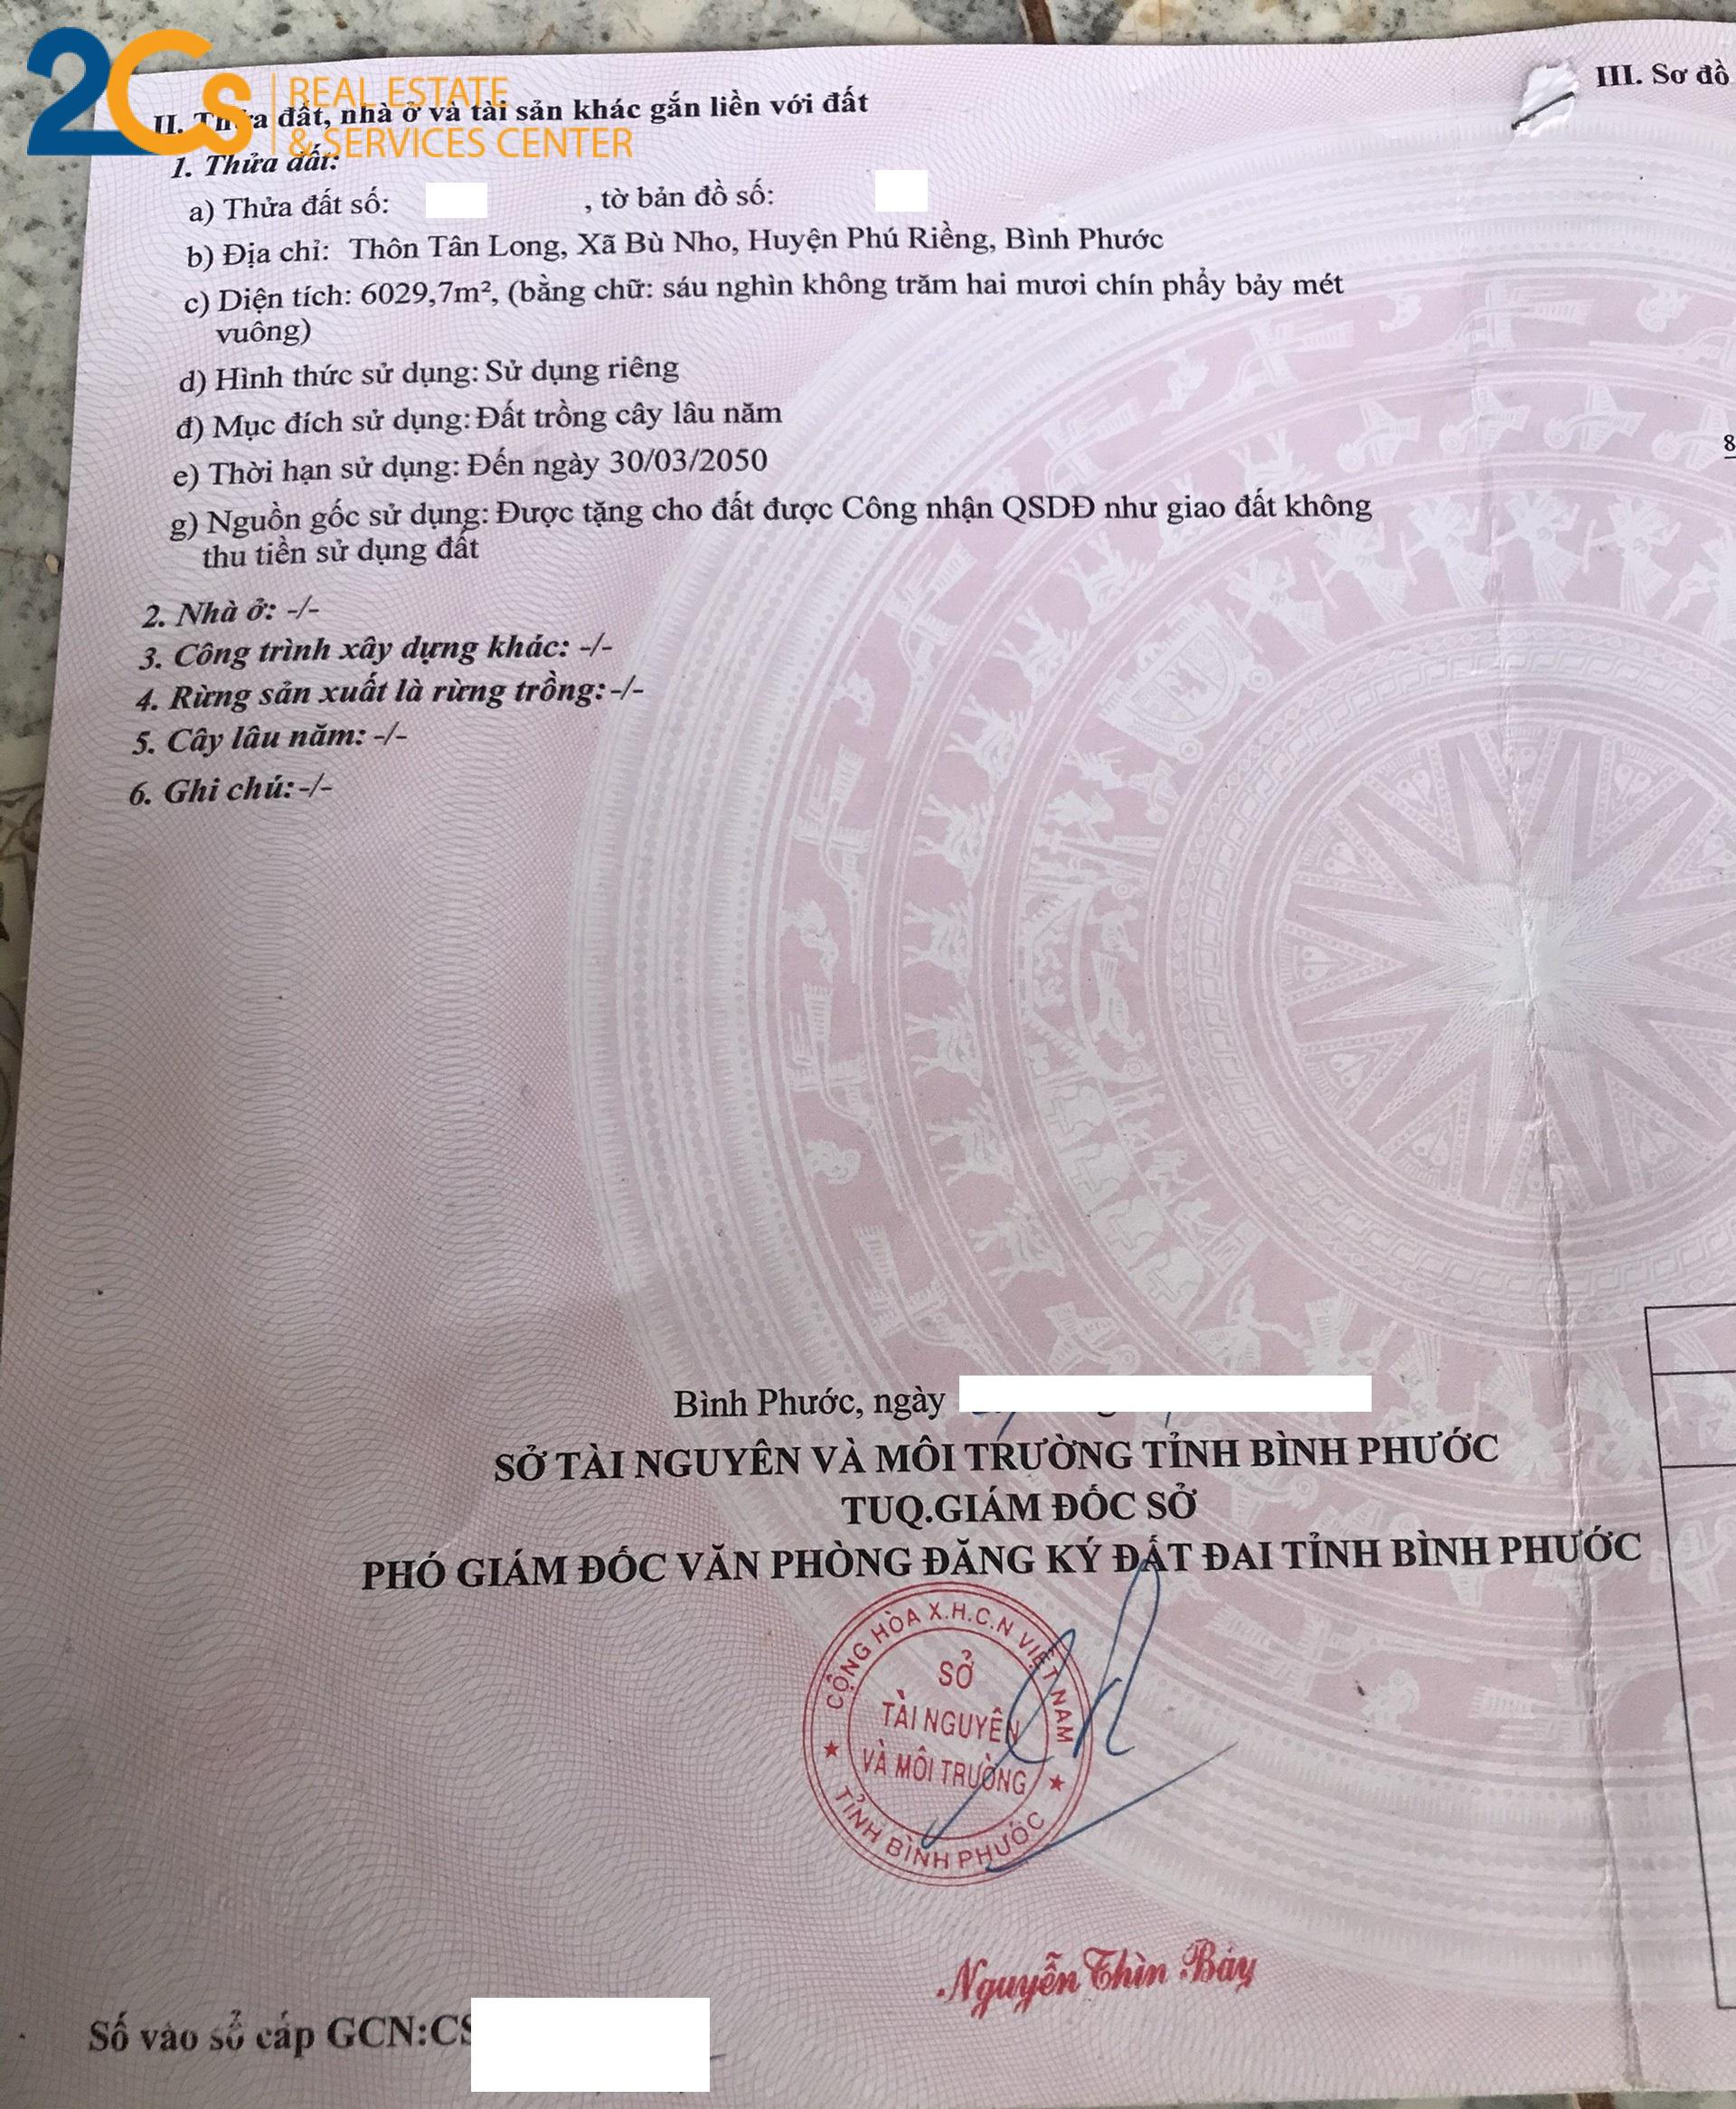 Bán 10 nền tại Phú Riềng, Bình Phước Đc: Thôn Tân Long, Bù Nho, Phú Riềng, Bình Phước